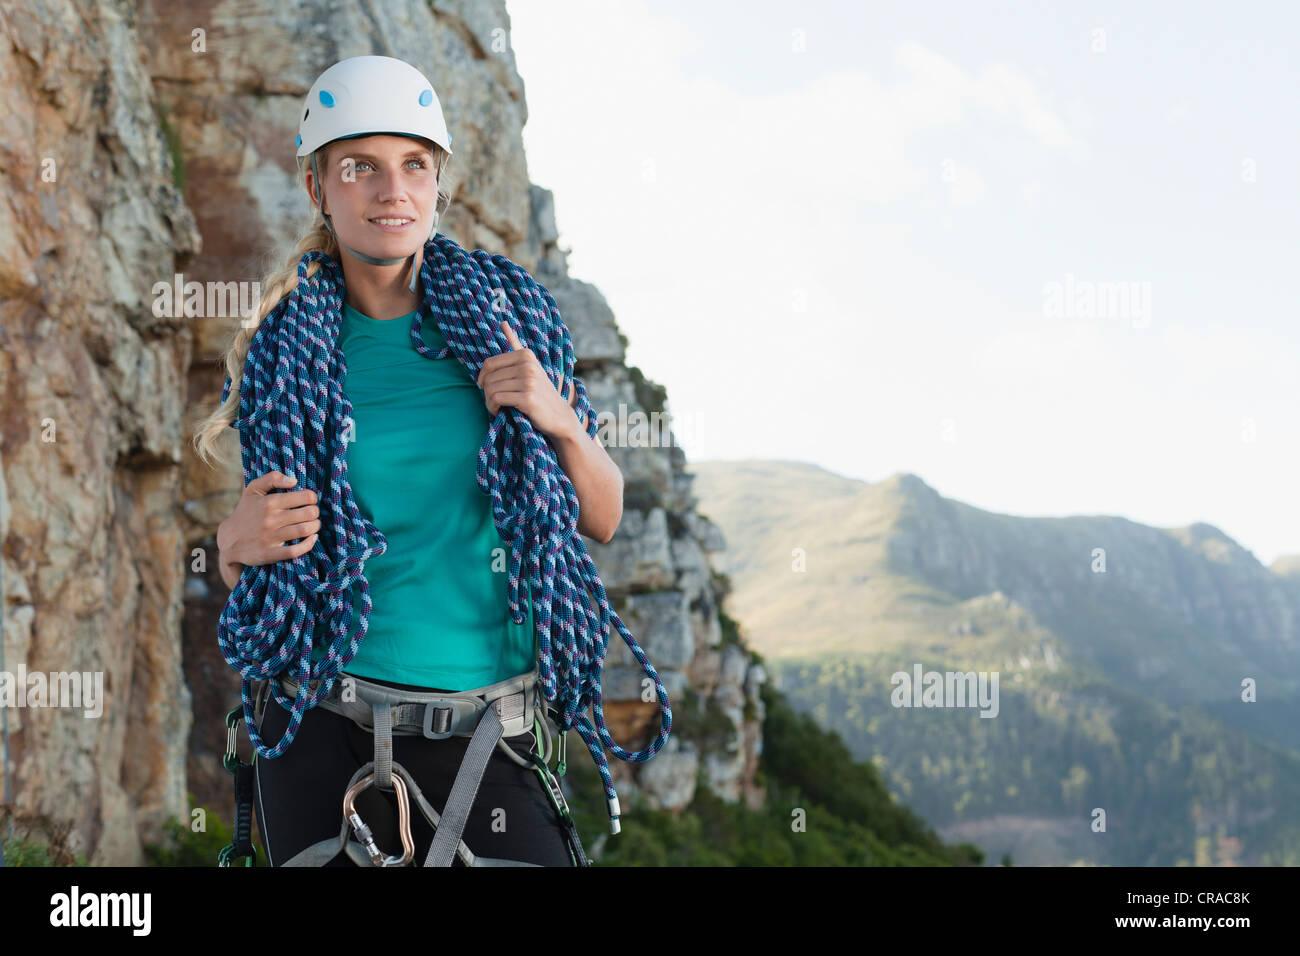 Climber holding sur corde enroulée mountain Photo Stock